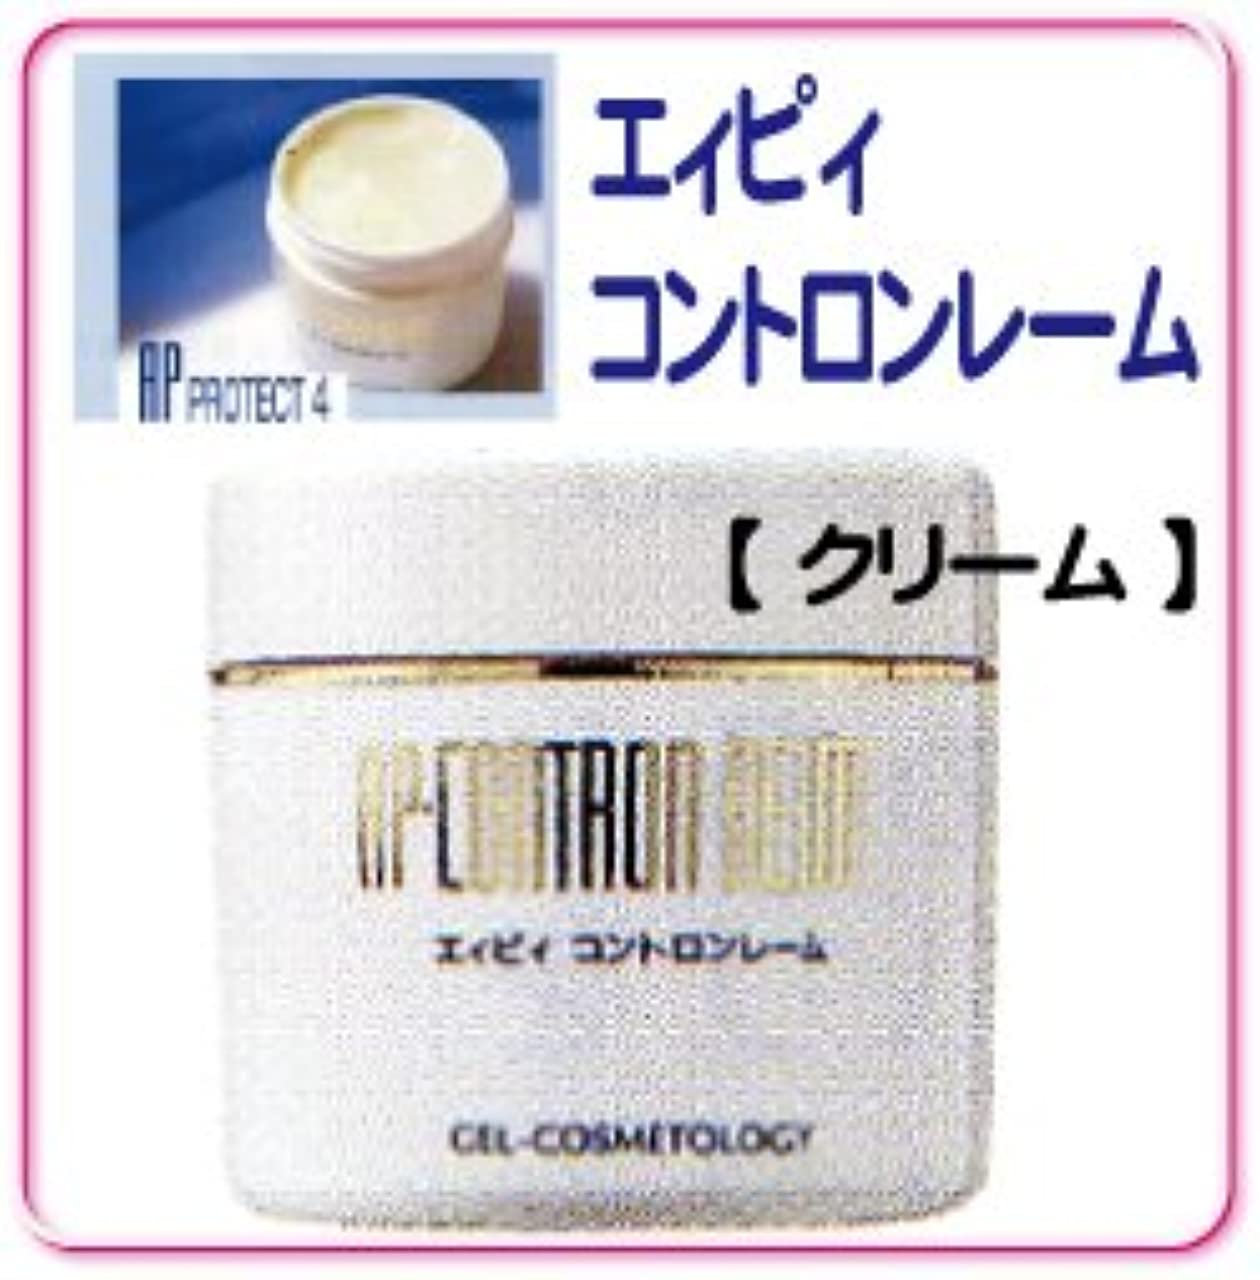 鋸歯状調整プロペラベルマン化粧品 APprotectシリーズ  コントロンレーム  敏感肌用クリーム 110g